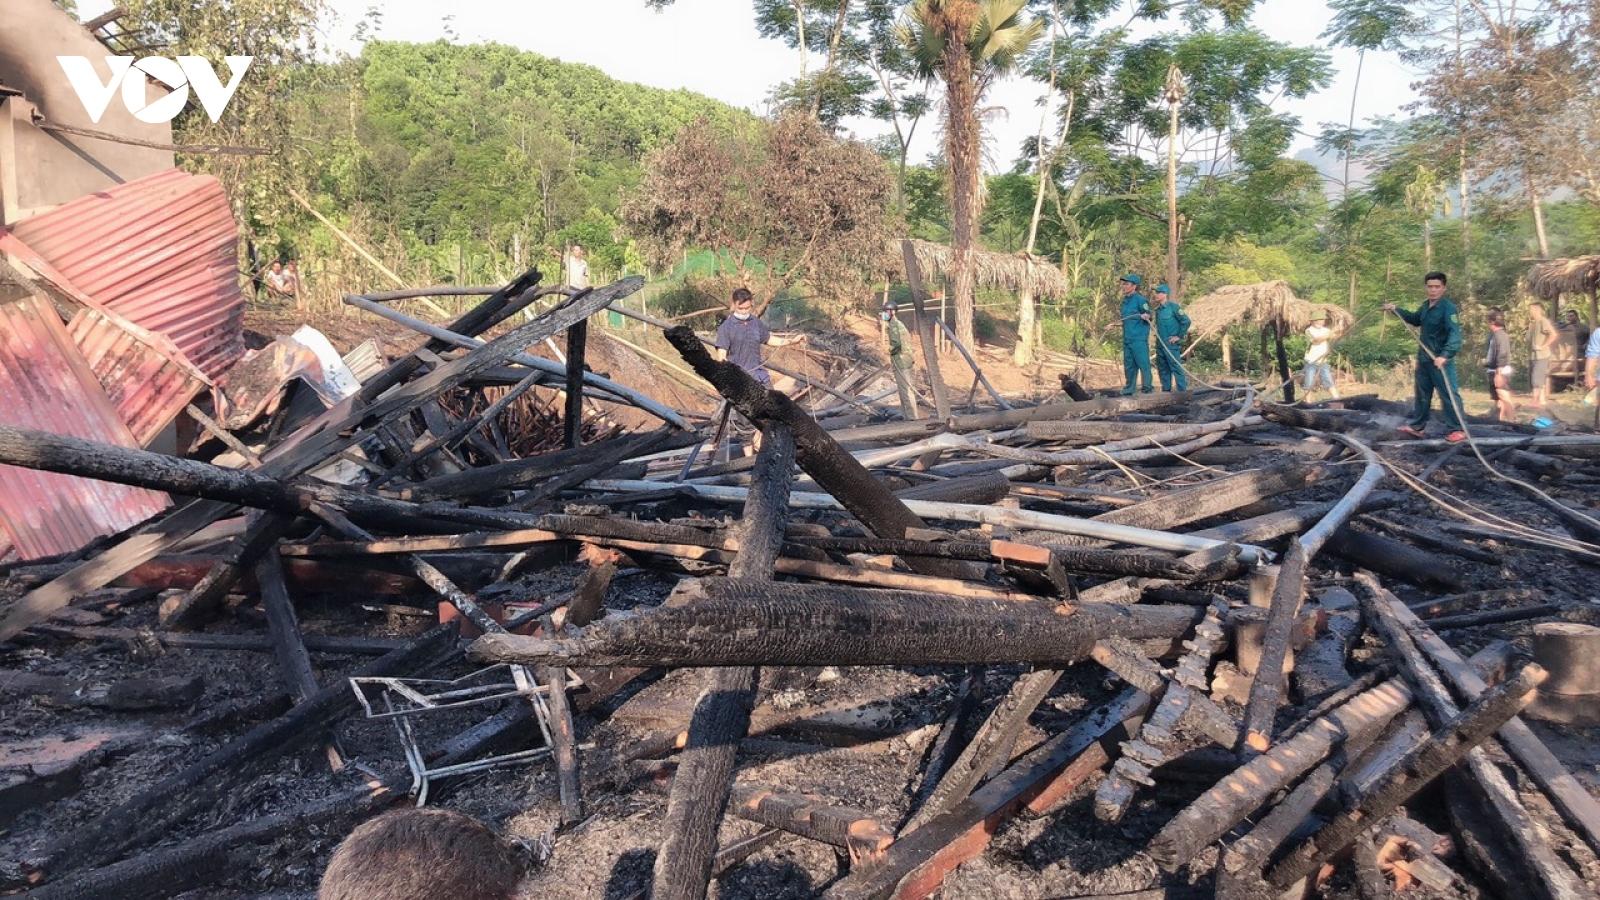 2 nhà sàn ở Lào Cai bị cháy, thiệt hại 1,5 tỷ đồng